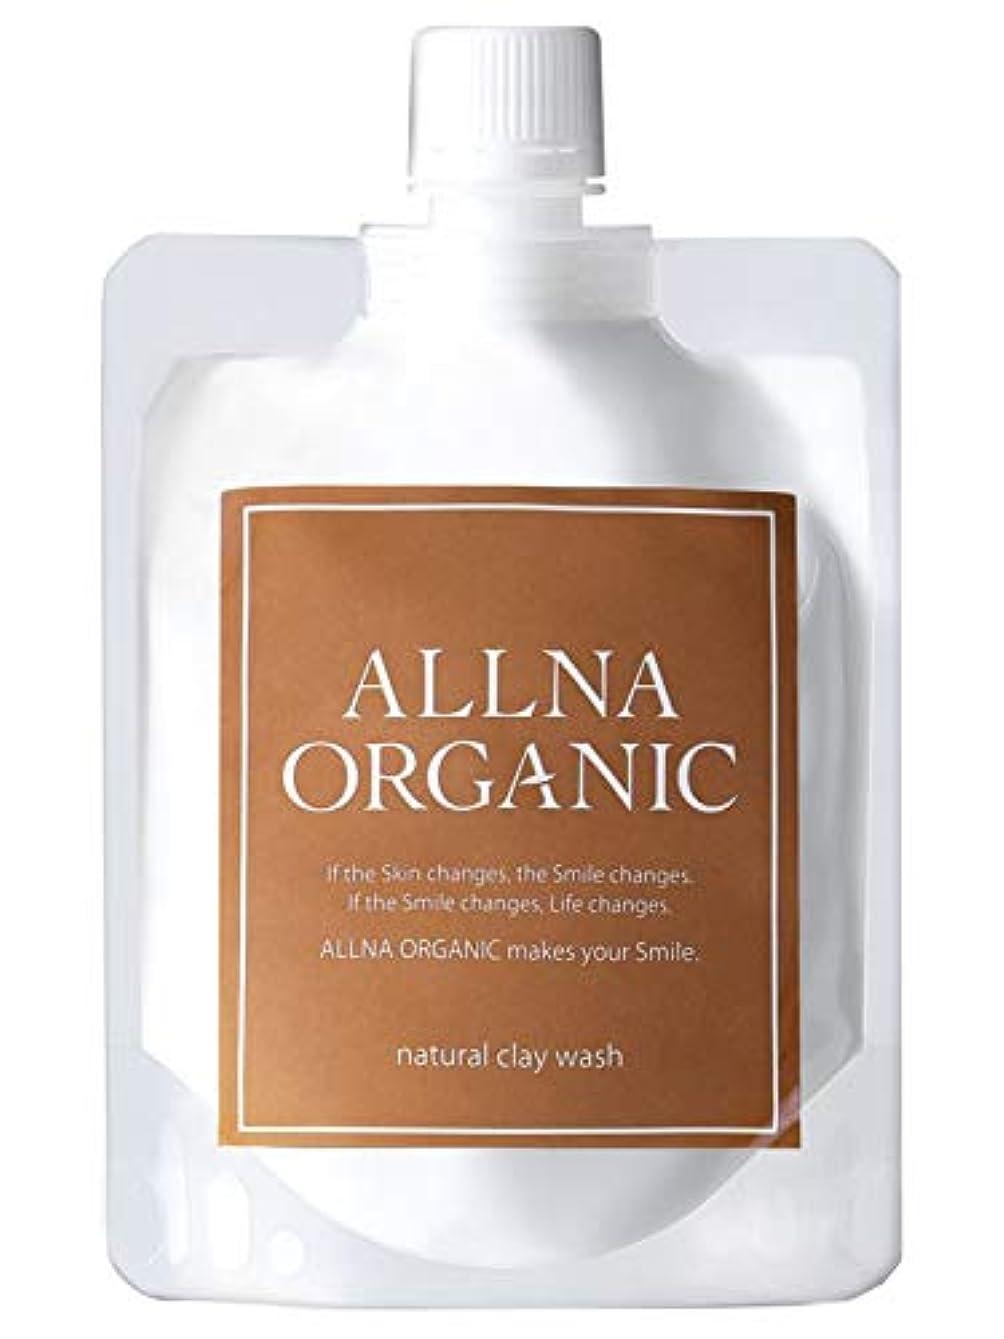 める心から過言オルナ オーガニック 泥 洗顔 「 毛穴 開き 黒ずみ 用」「 コラーゲン 3種類 + ヒアルロン酸 4種類 + ビタミンC 4種類 + セラミド 配合」 130g